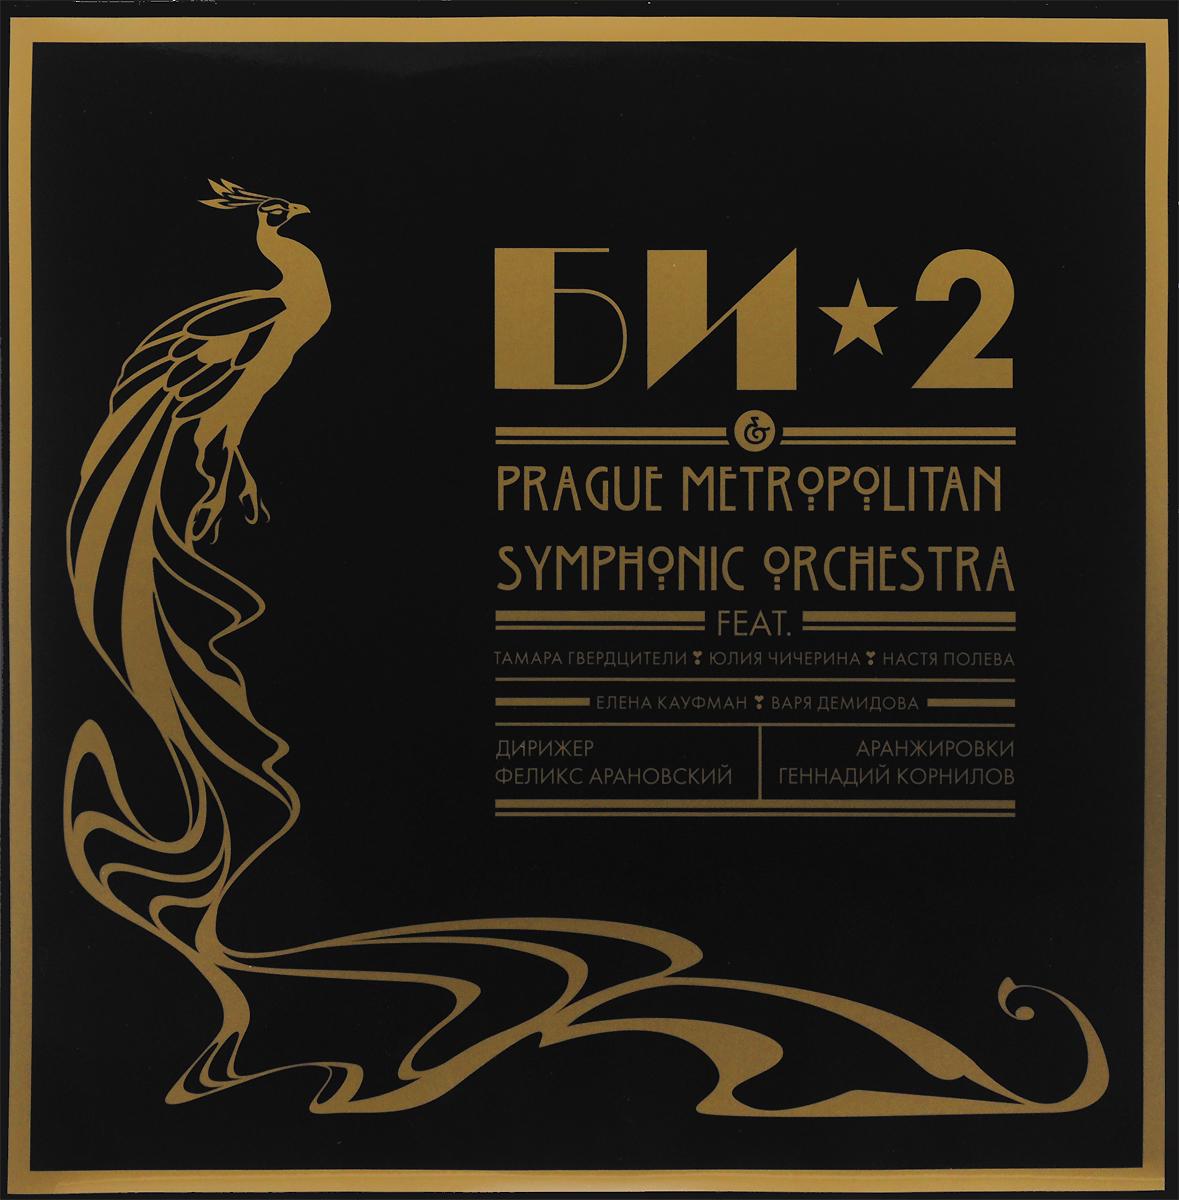 Би-2 Би-2. Prague Metropolitan Symphonic Orchestra (2 LP) григорий лепс гангстер 1 2 lp